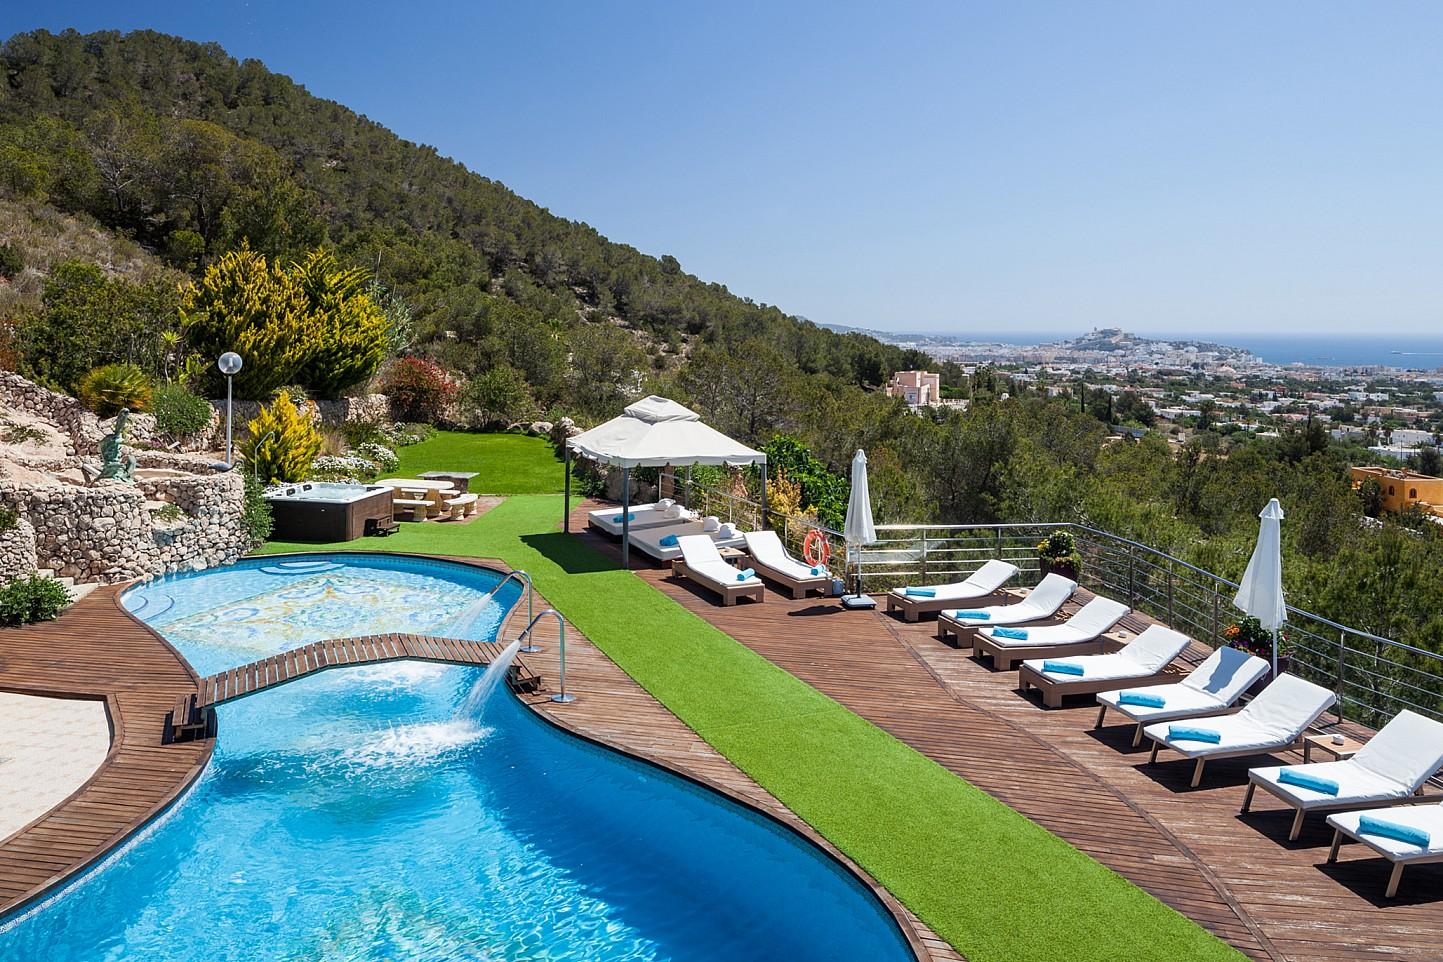 Vistas exteriores de la casa con la fantástica piscina